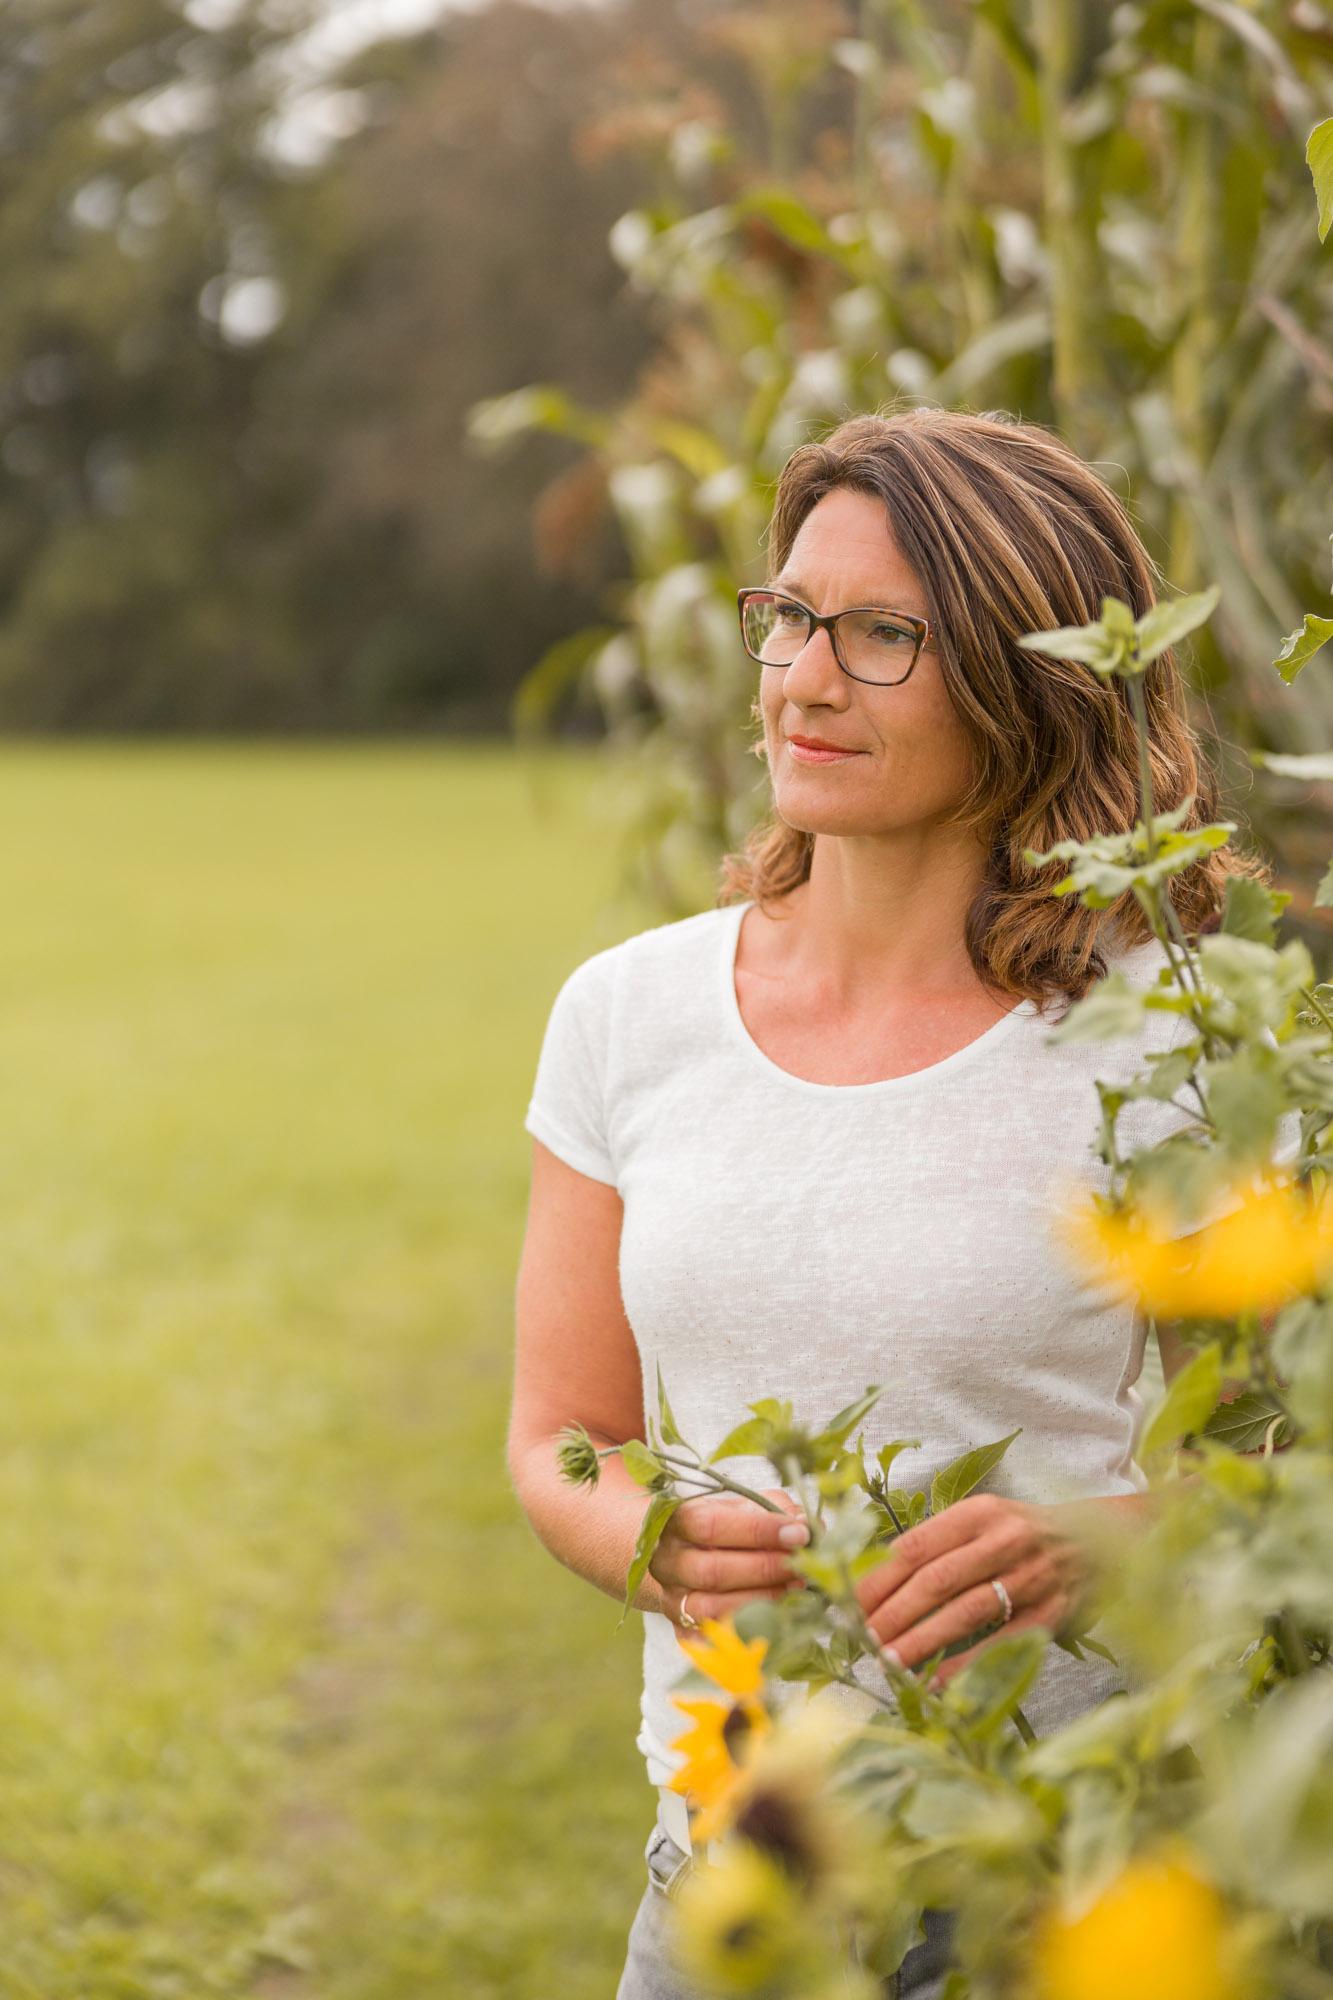 portret van vrouw met dromerige blik bij zonnebloemen door MayraFotografie